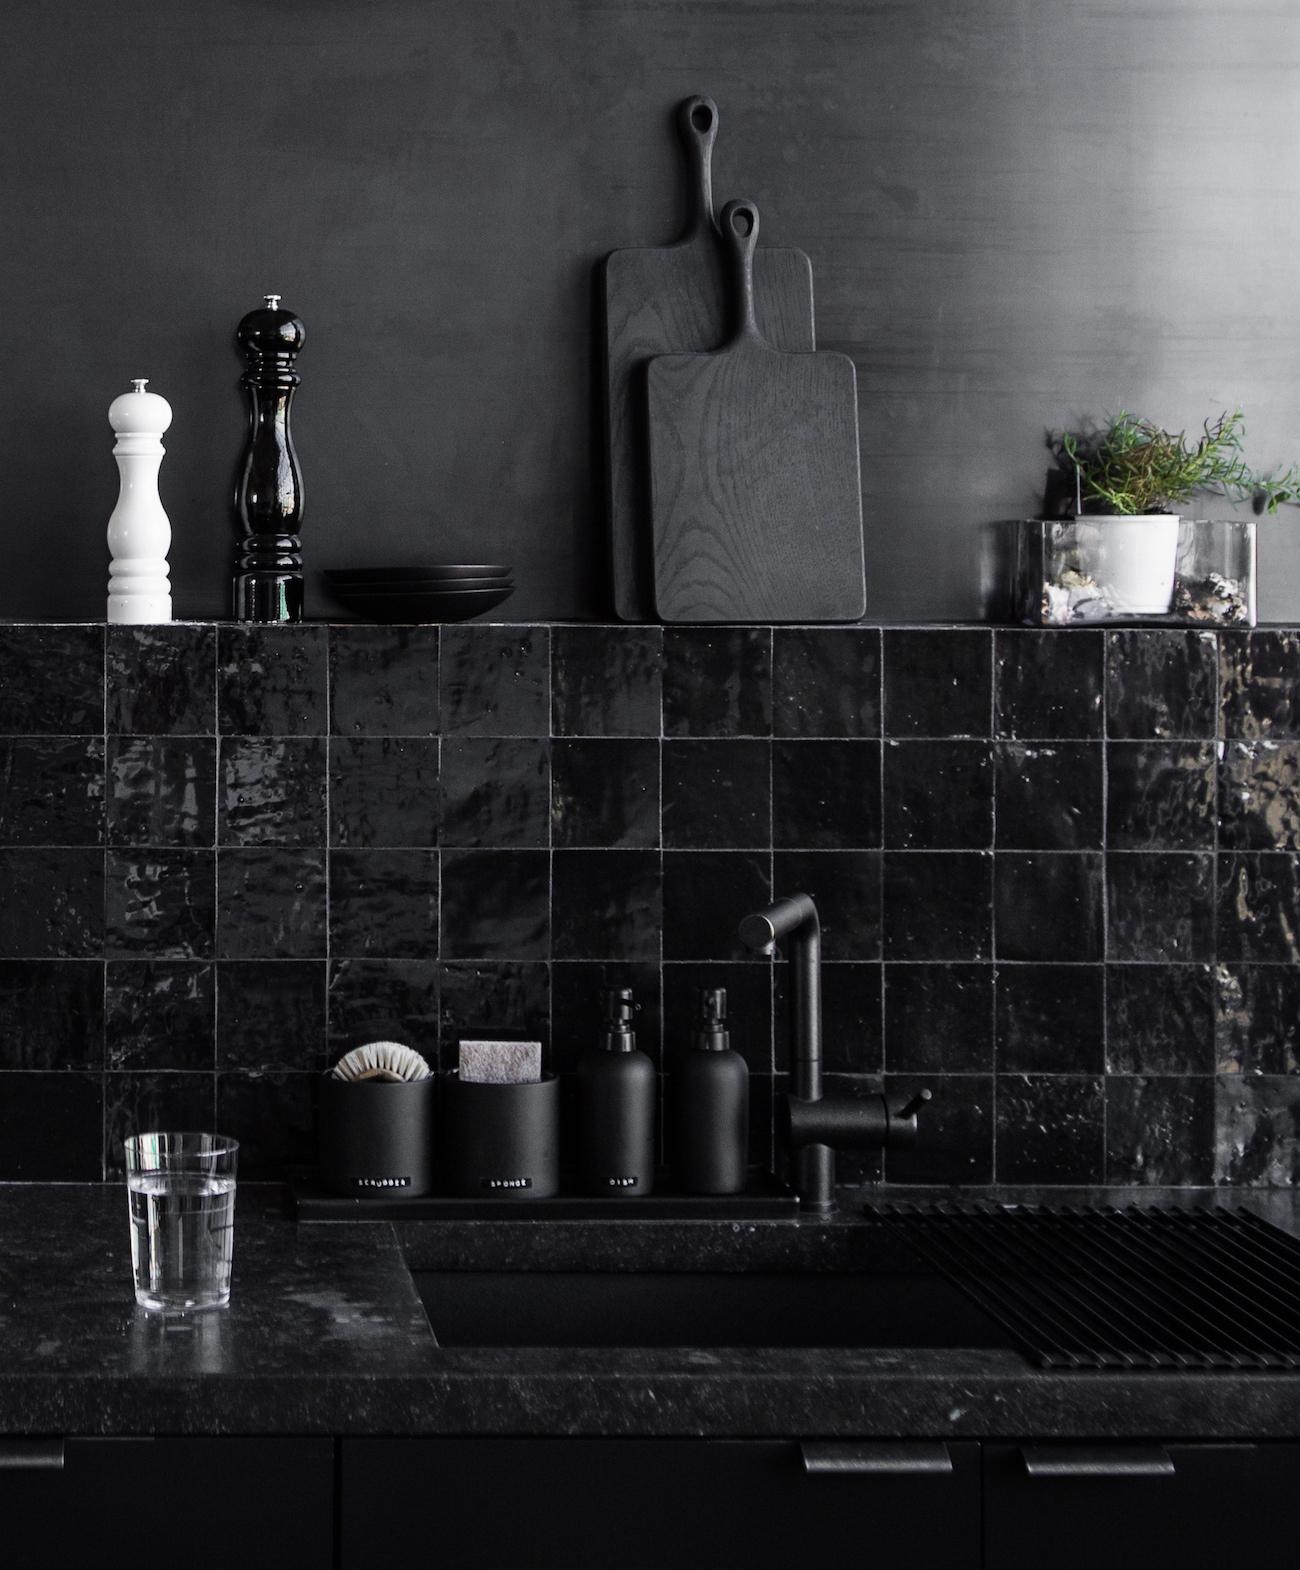 ilaria fatone - total-blakc interiors - décoration en noir absolu